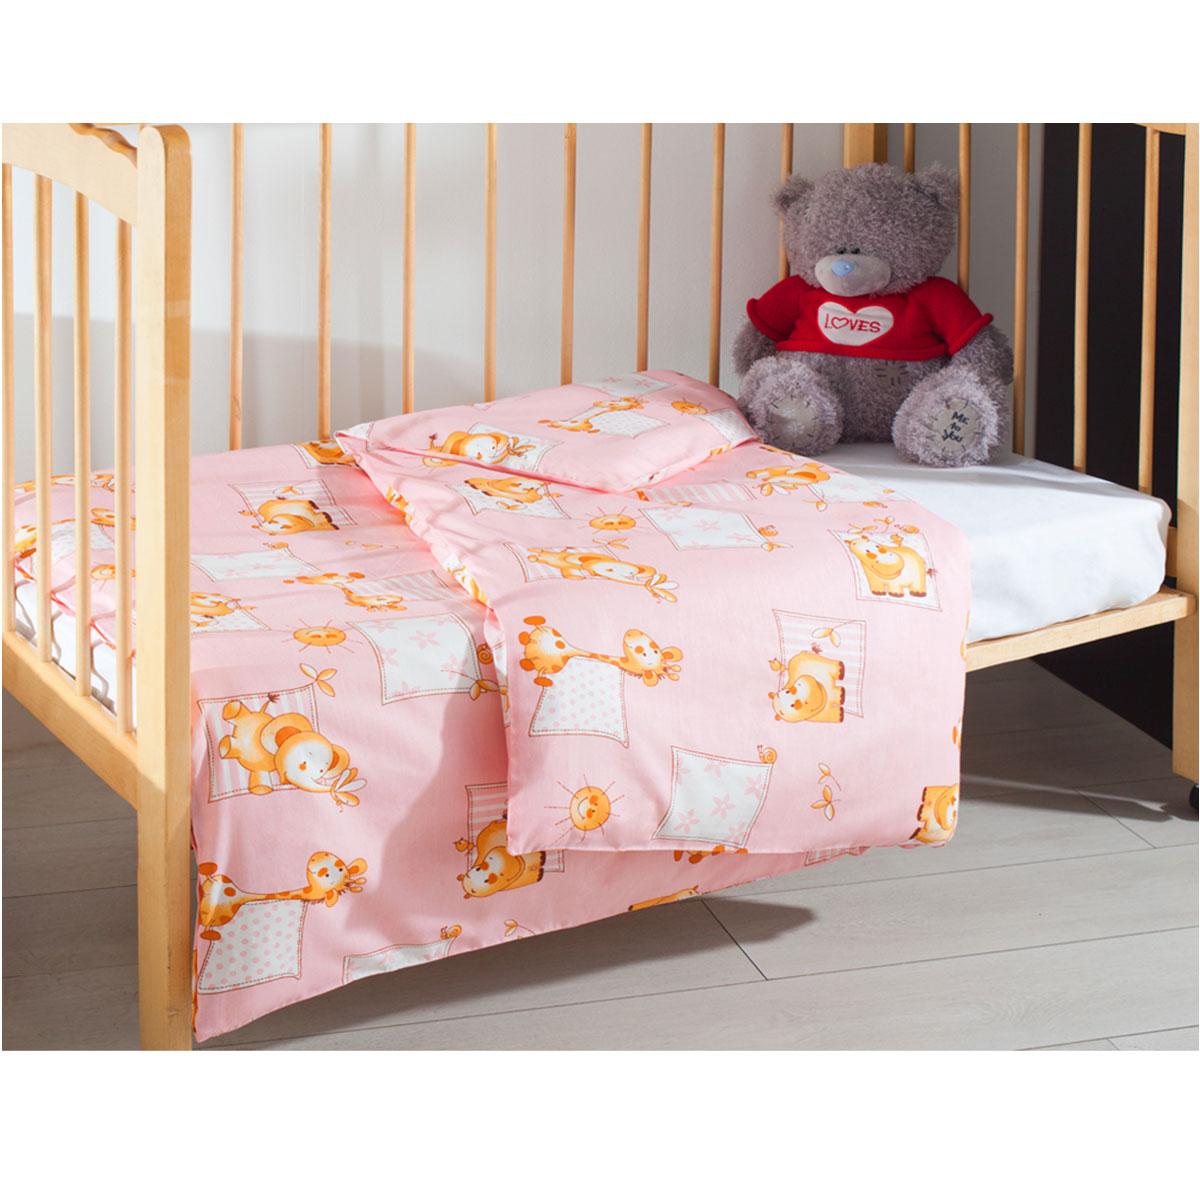 Пододеяльник детский Primavelle, цвет: розовый, 115 см х 145 см0001054-1Детский пододеяльник Primavelle идеально подойдет для одеяла вашего малыша. Изготовленный из натурального 100% хлопка, он необычайно мягкий и приятный на ощупь, позволяет коже дышать. Натуральный материал не раздражает даже самую нежную и чувствительную кожу ребенка, обеспечивая ему наибольший комфорт. Приятный рисунок пододеяльника, несомненно, понравится малышу и привлечет его внимание. Под одеялом с таким пододеяльником ваша кроха будет спать здоровым и крепким сном.Размер пододеяльника: 115 см х 145 см.